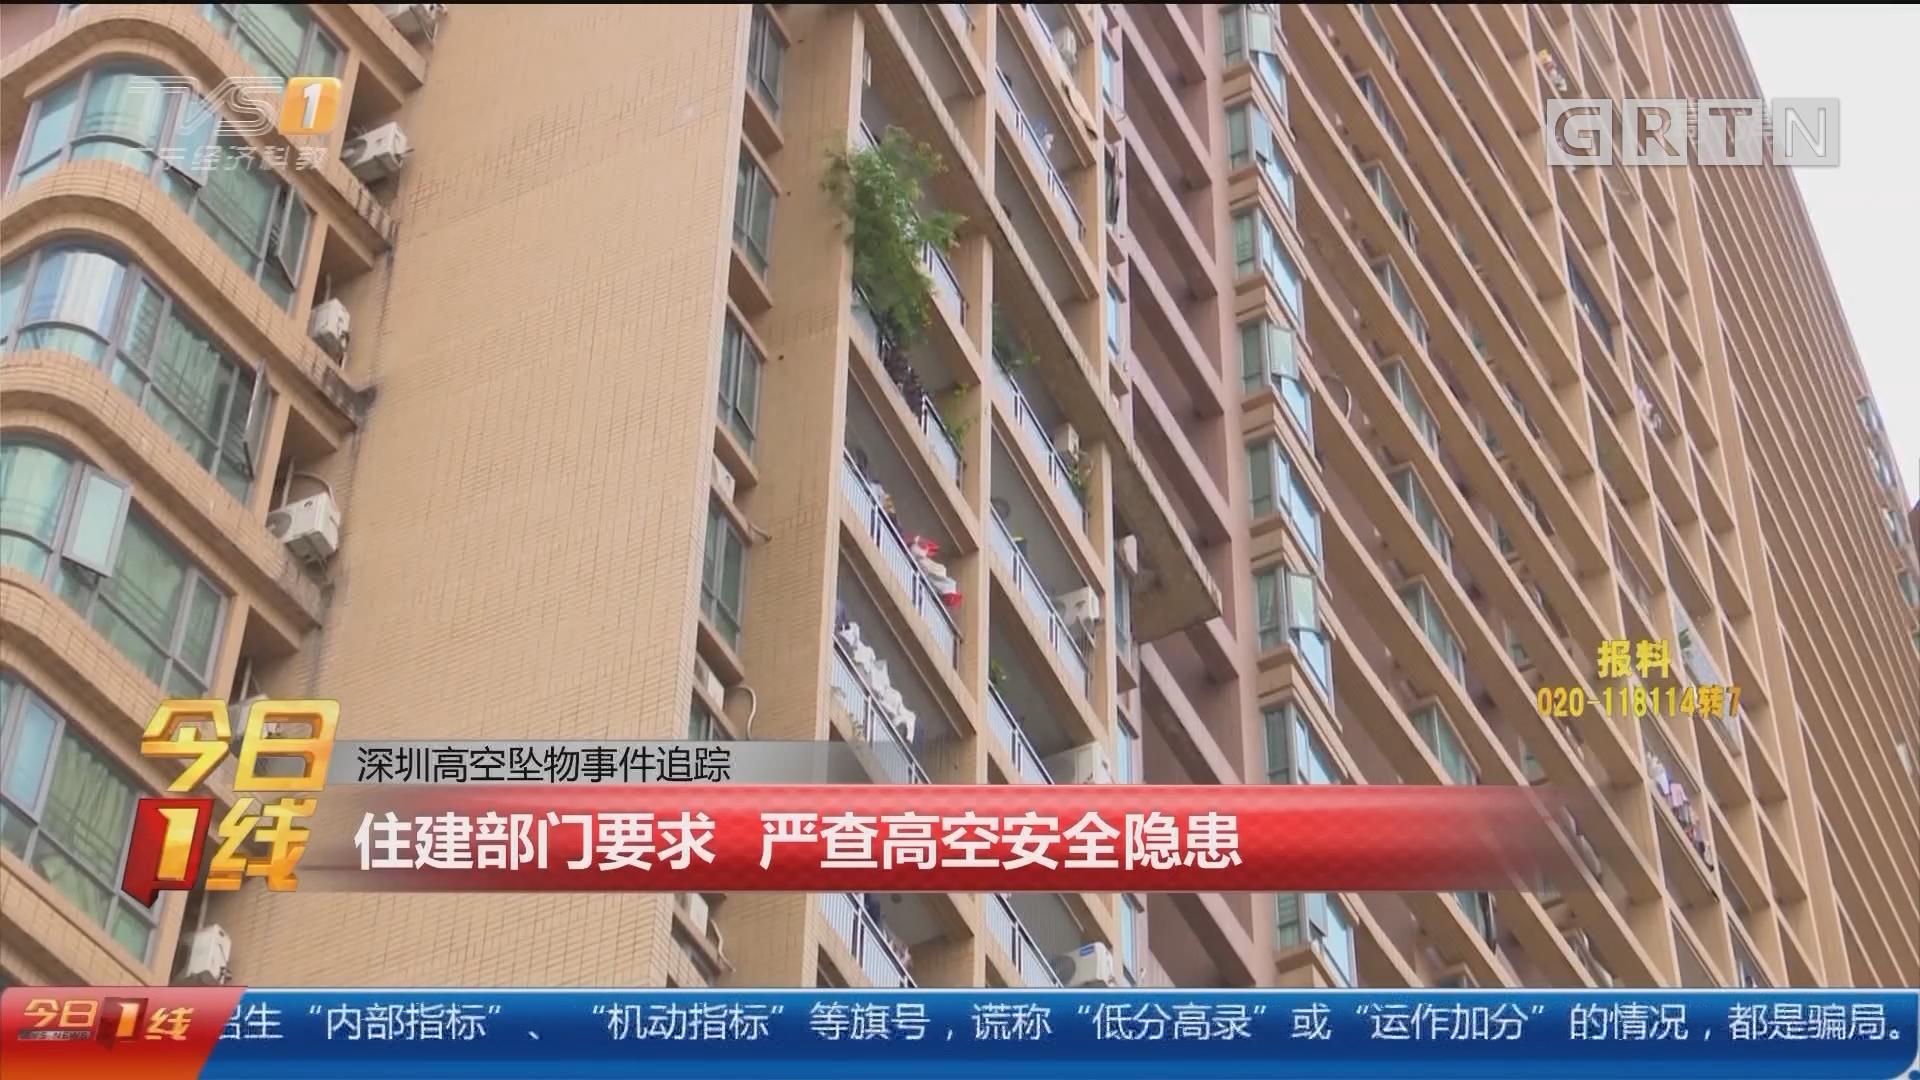 深圳高空坠物事件追踪:住建部门要求 严查高空安全隐患